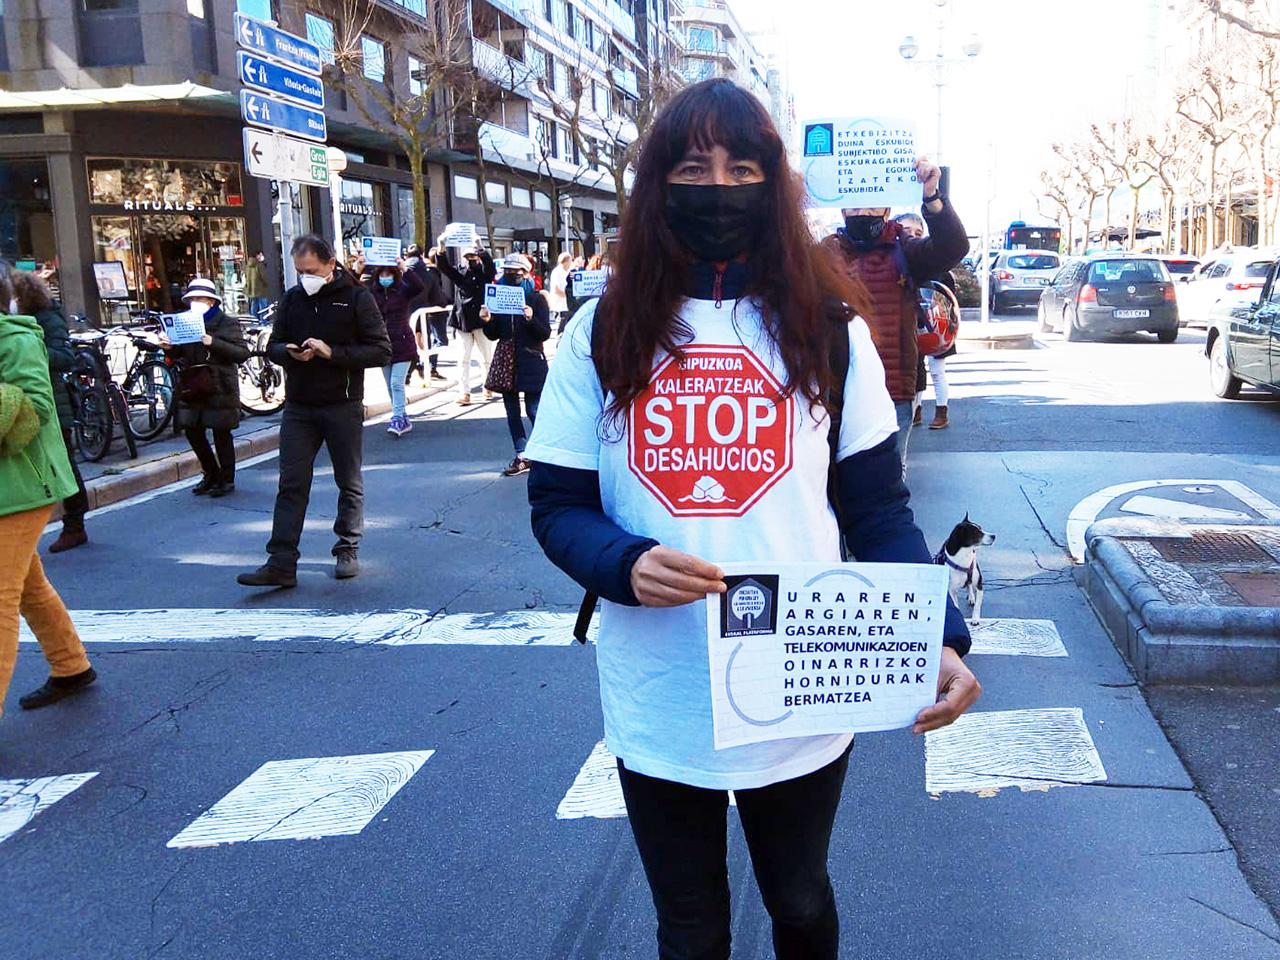 StopDesahucios - Donostia también se manifiesta por el derecho a la vivienda